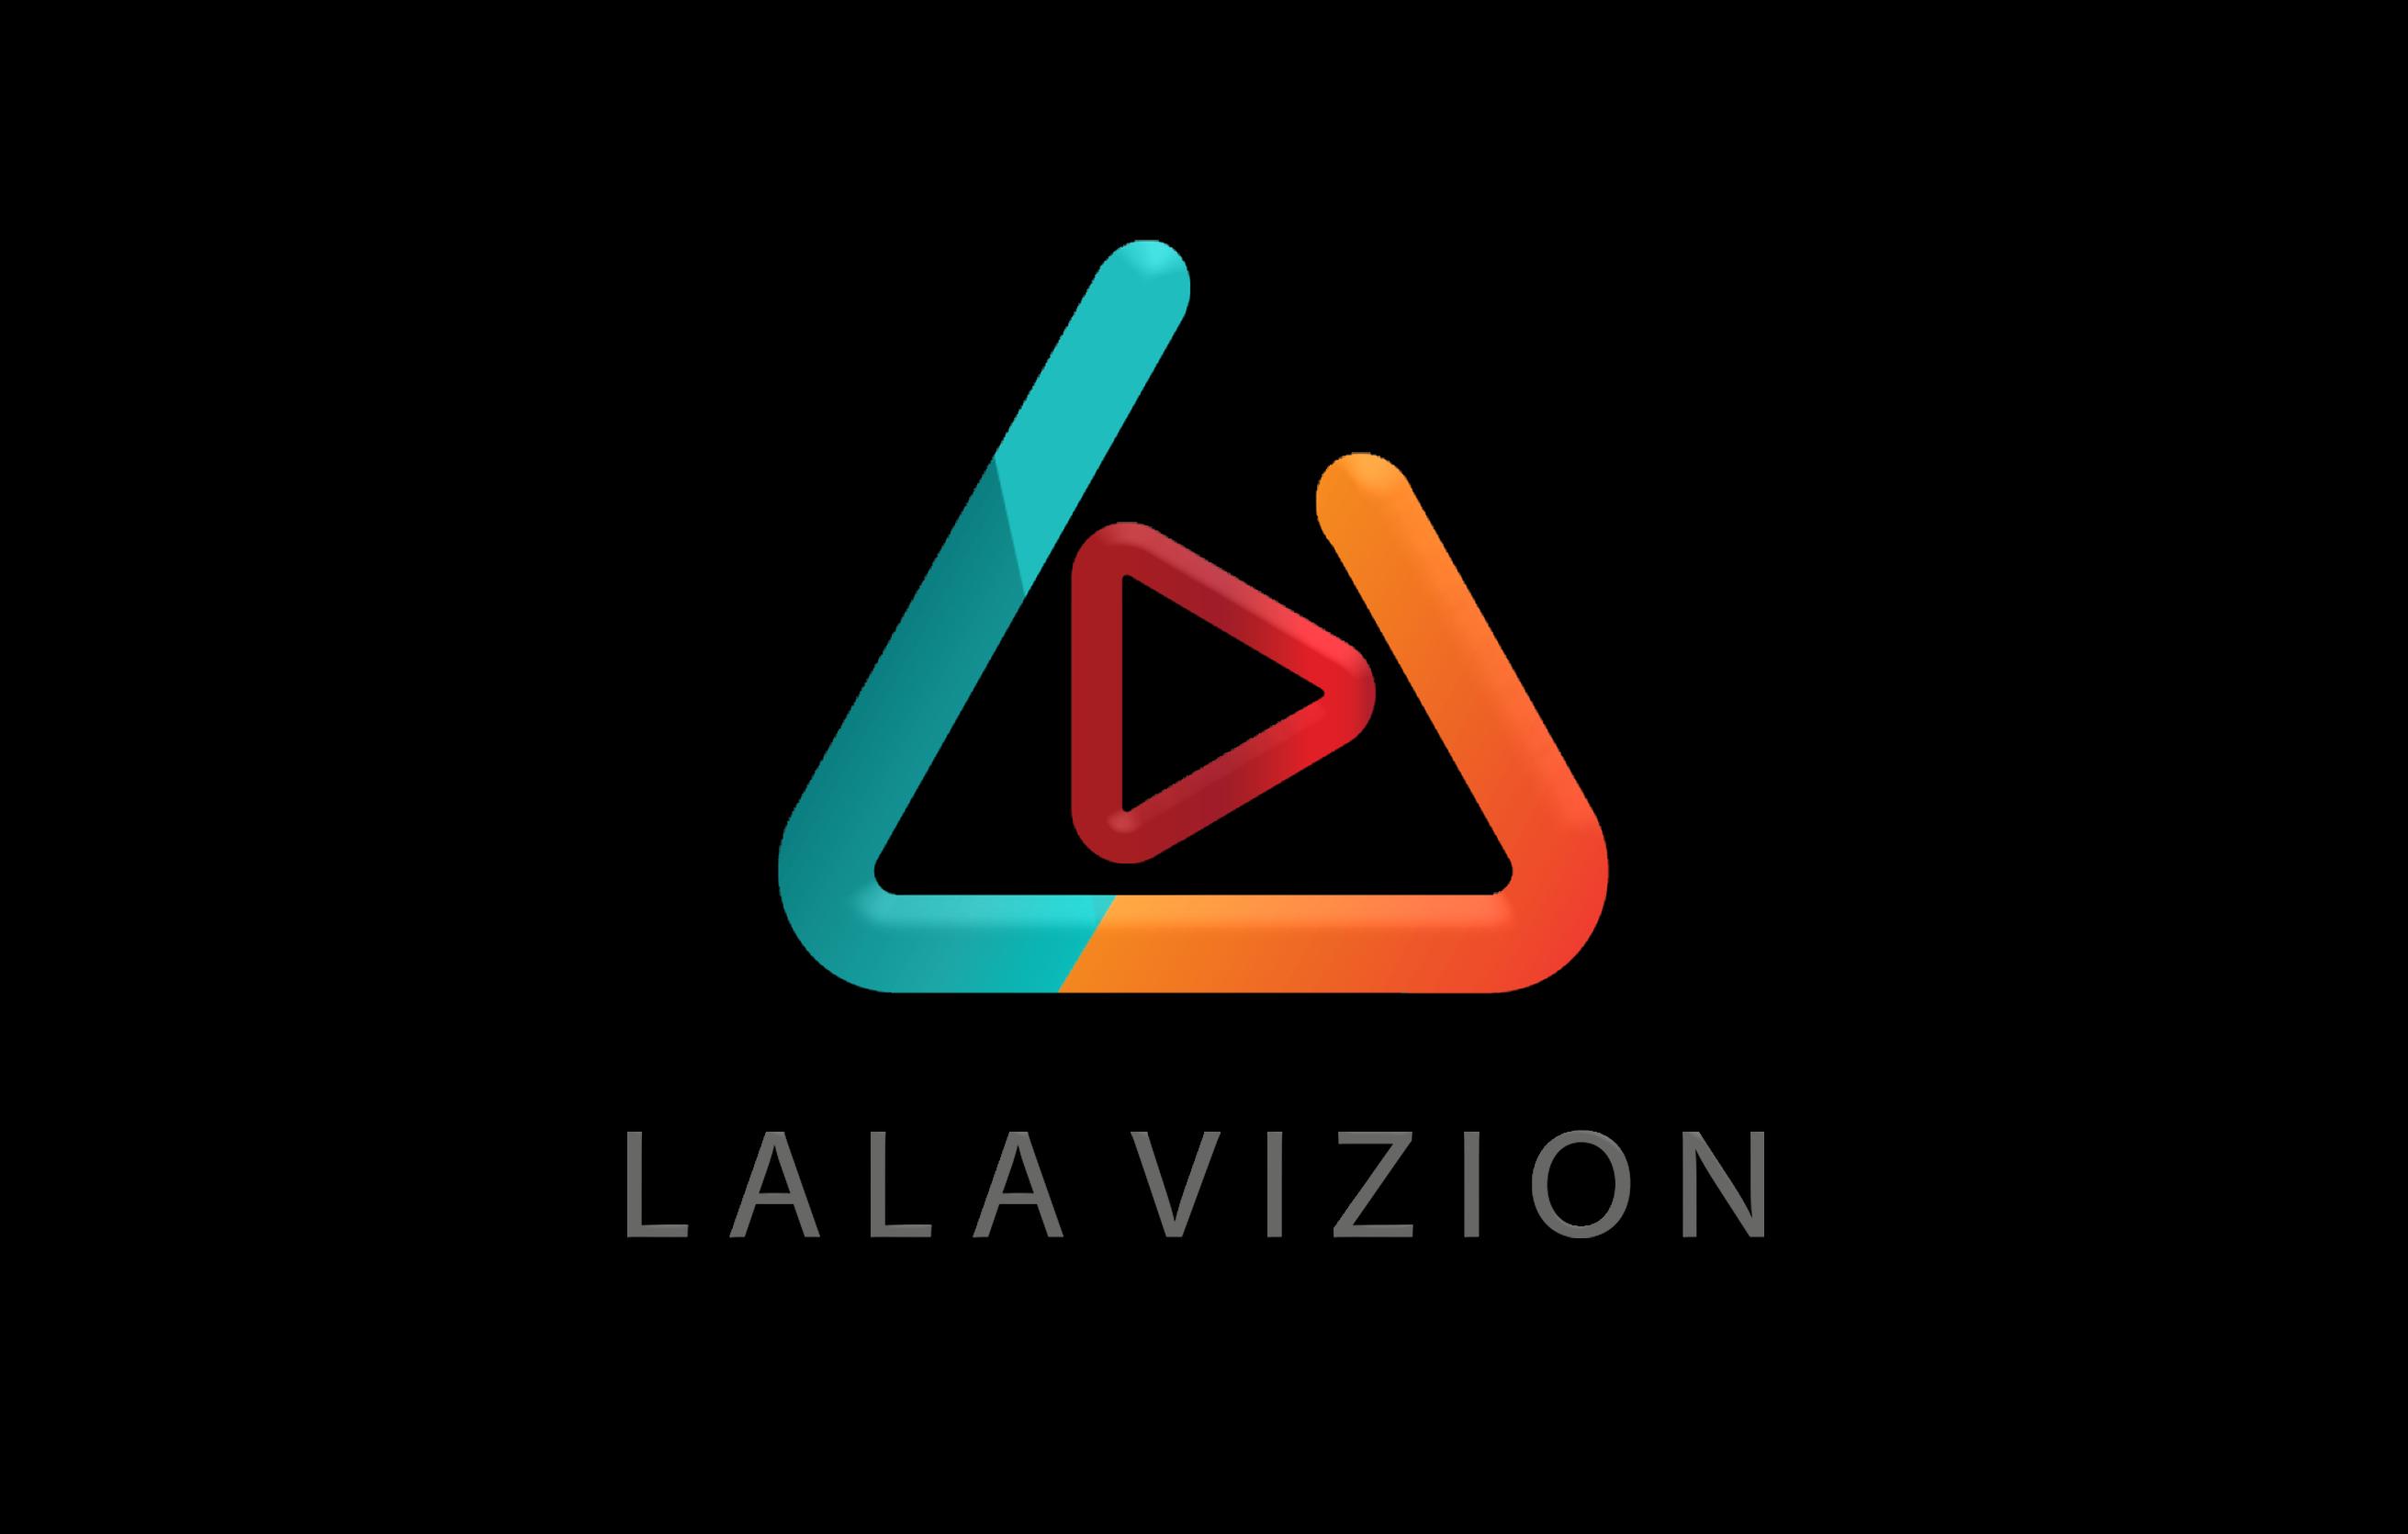 LalaVizion